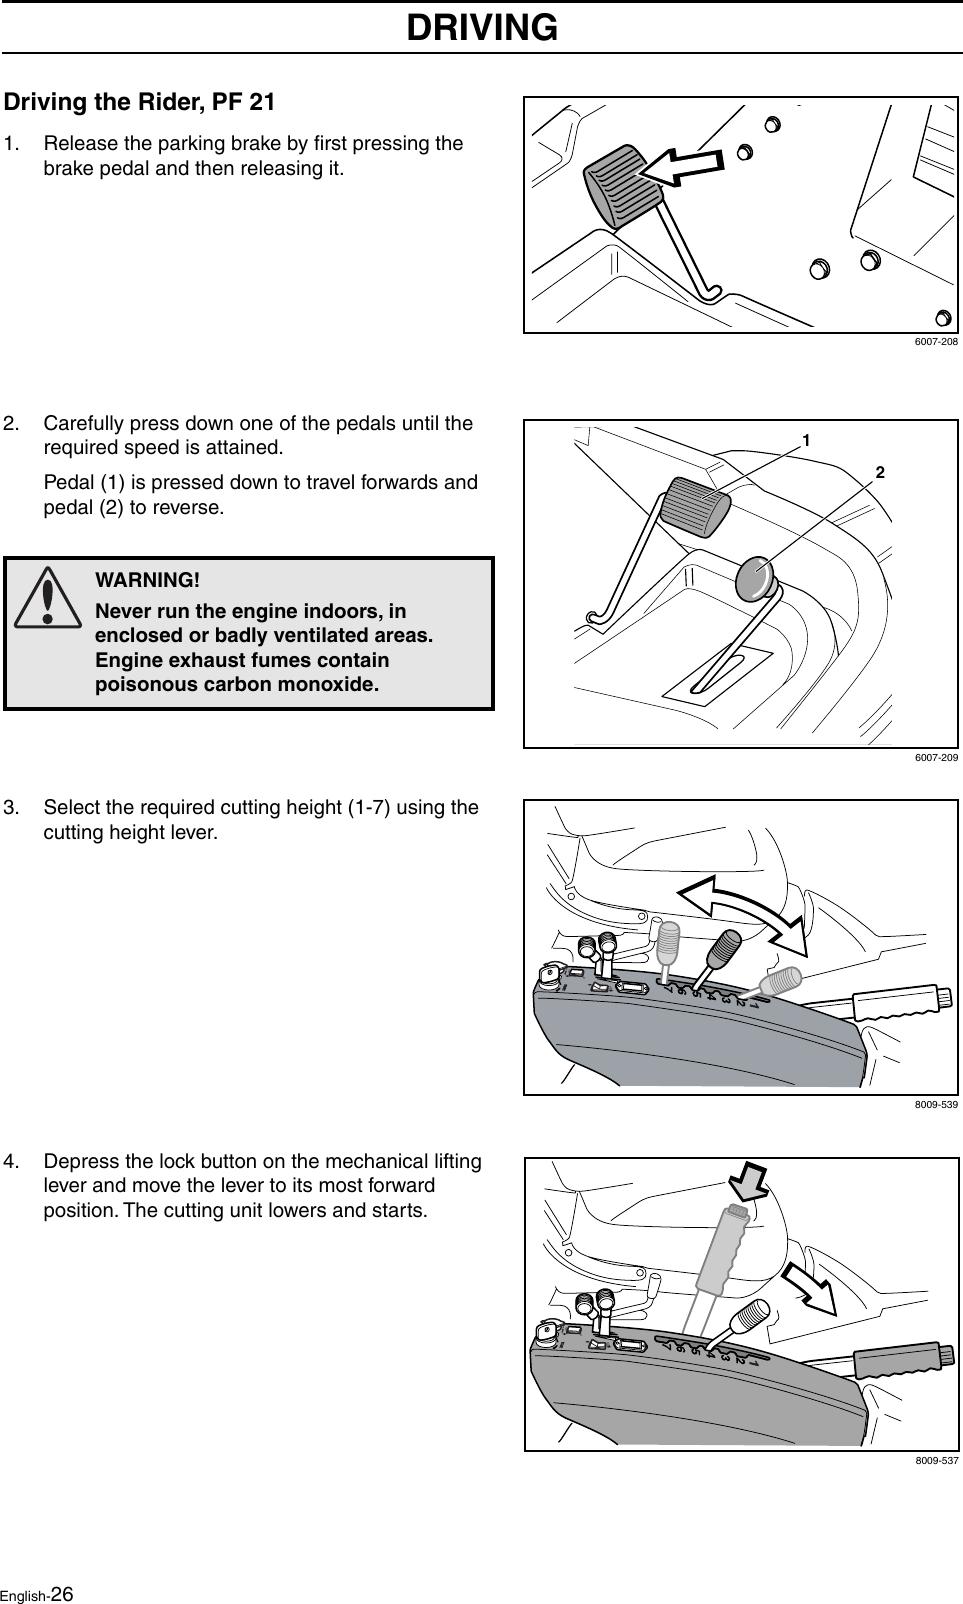 Husqvarna Proflex 21 Users Manual OM, Rider 18, 21, 2004 01